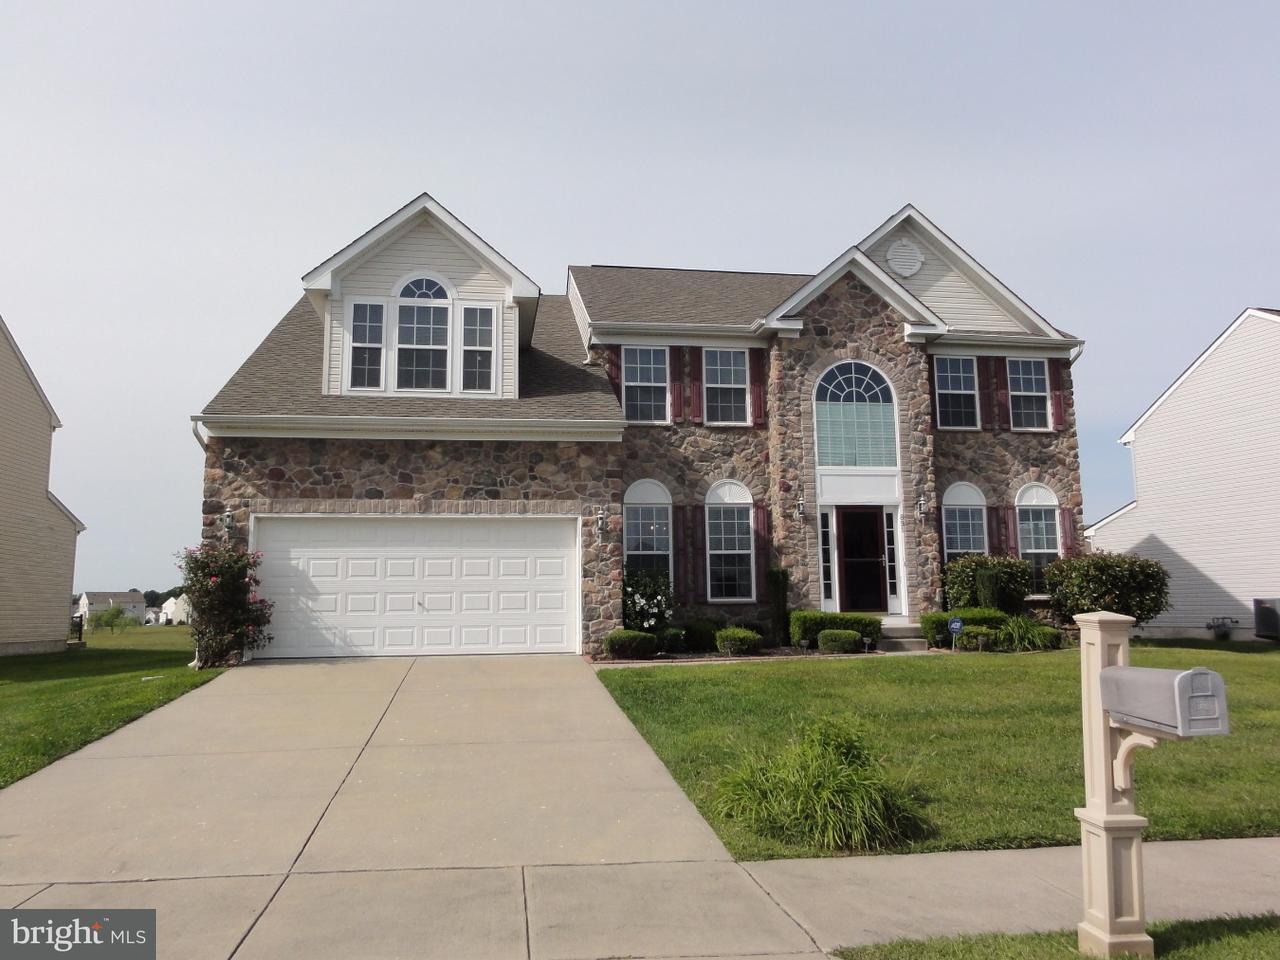 Maison unifamiliale pour l Vente à 891 WINDROW WAY Magnolia, Delaware 19962 États-Unis